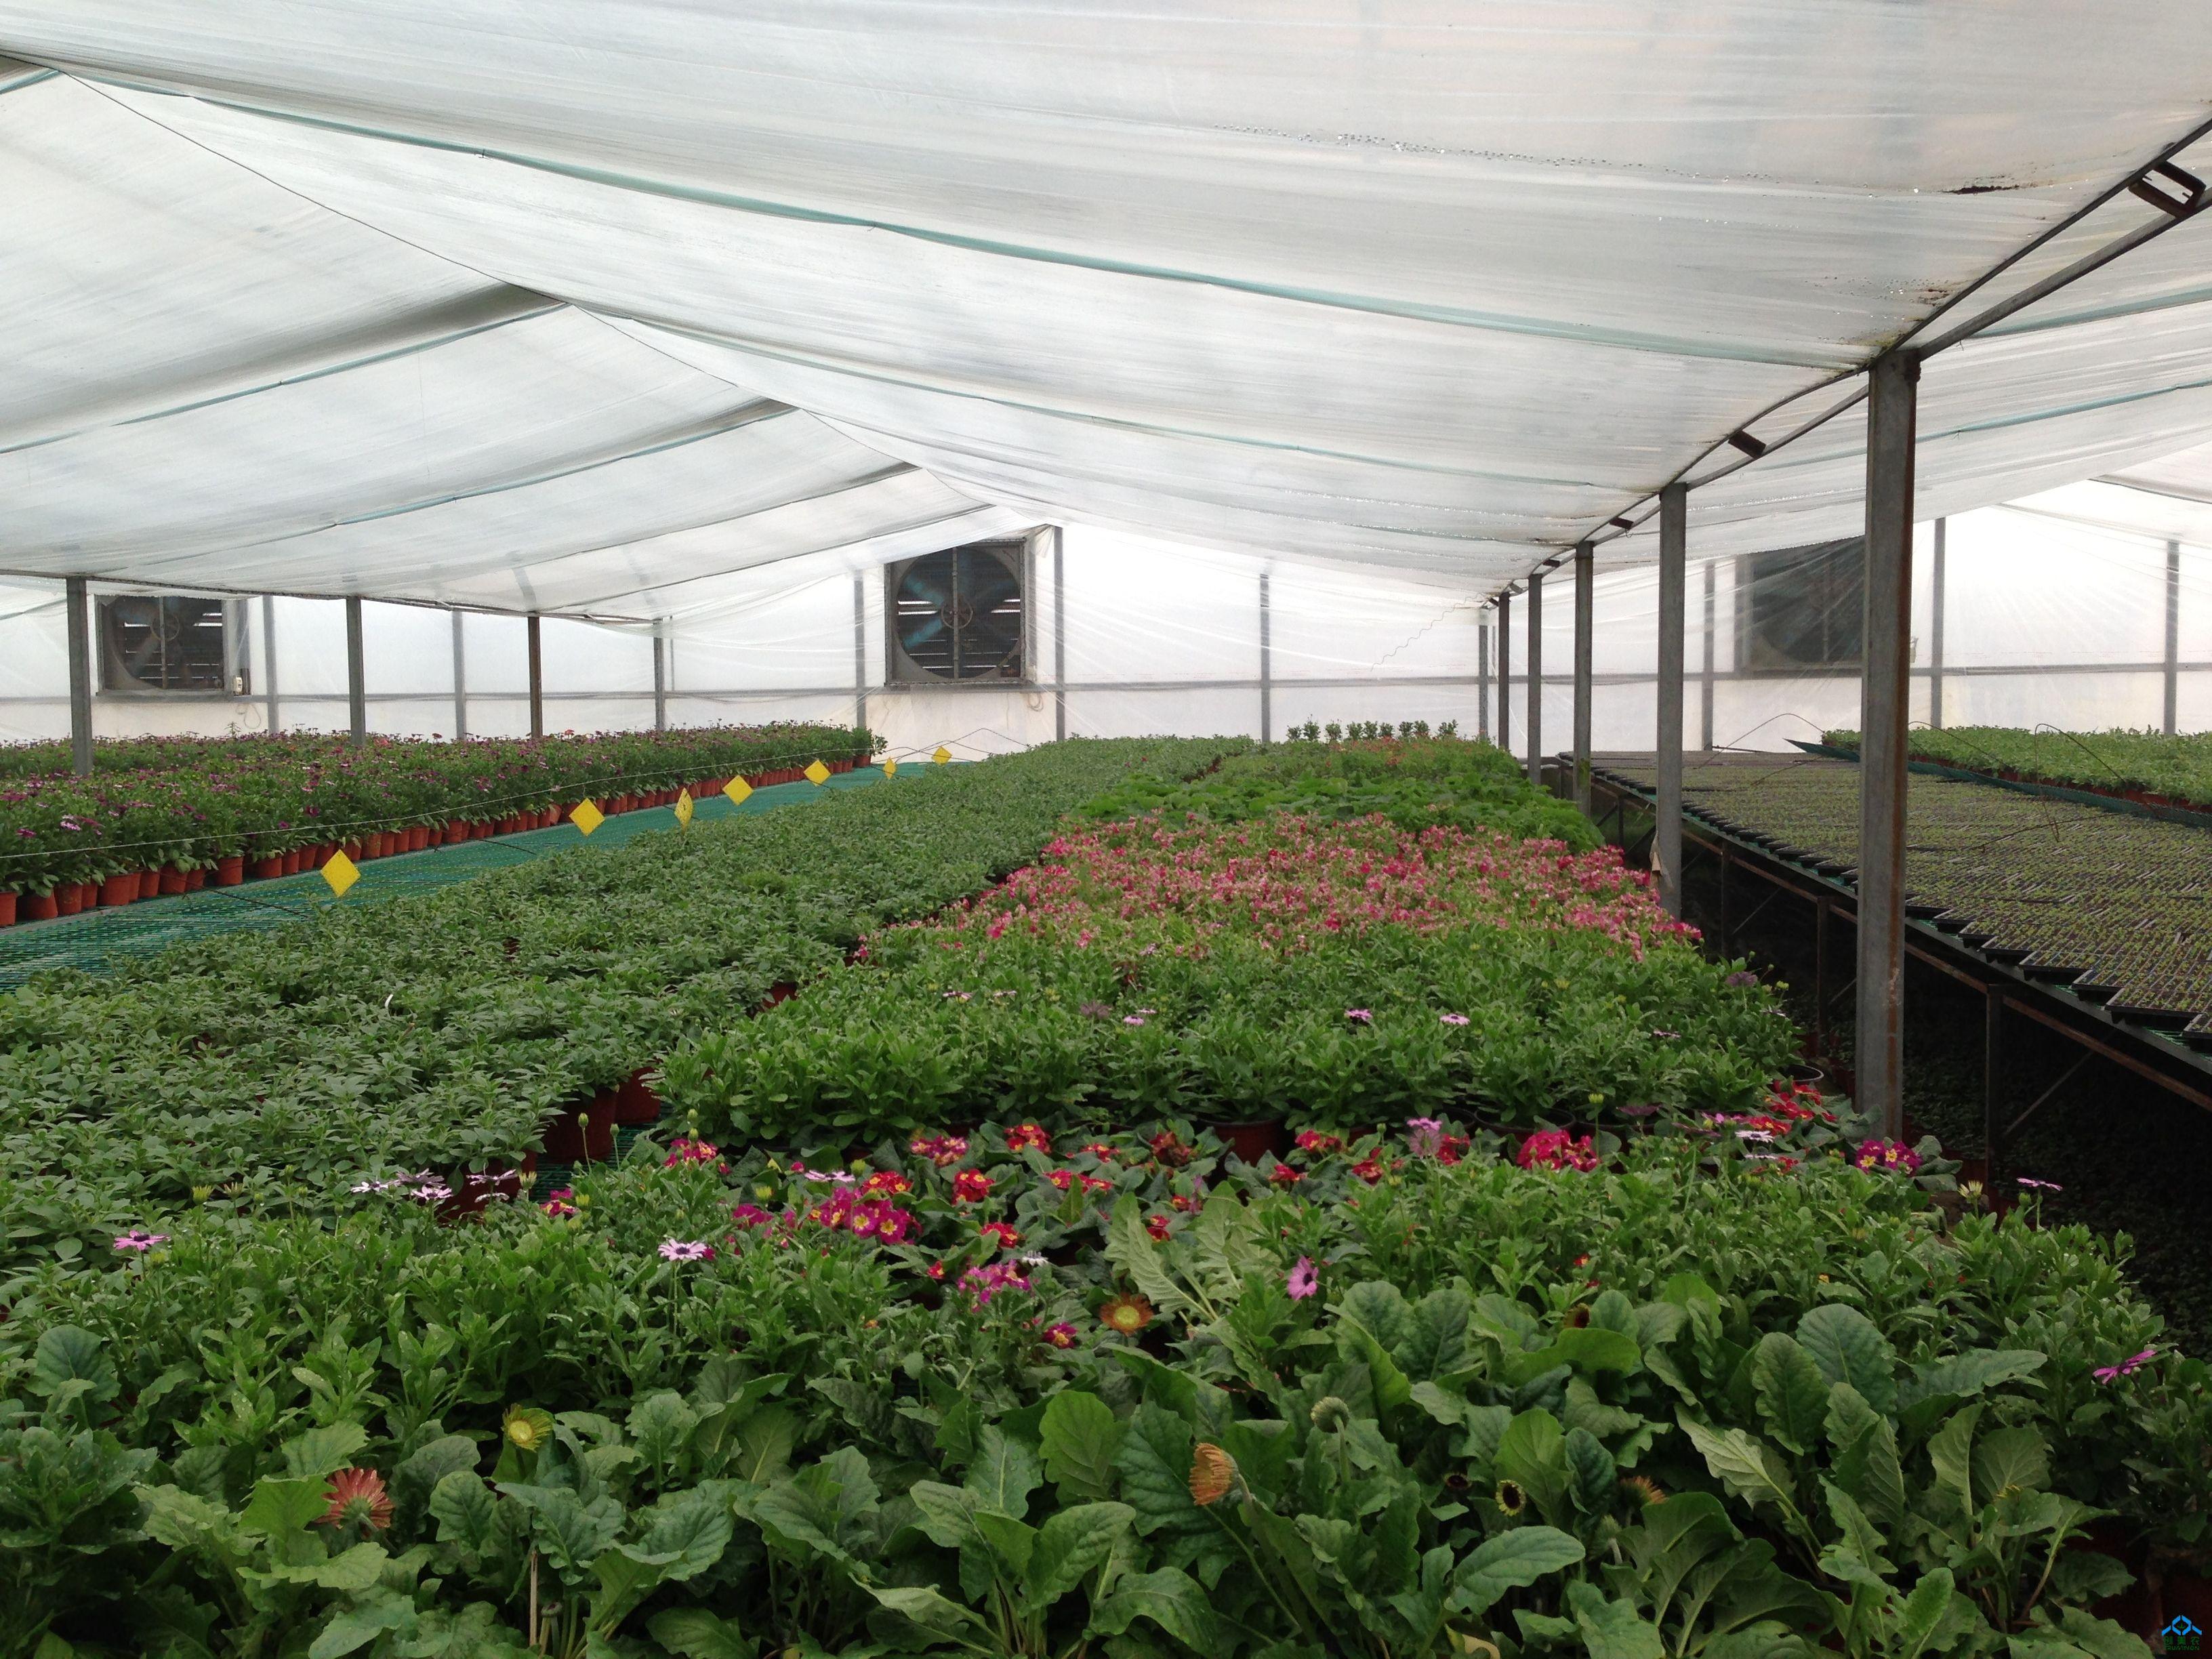 在防虫网覆盖后至温室大棚种植蔬菜前